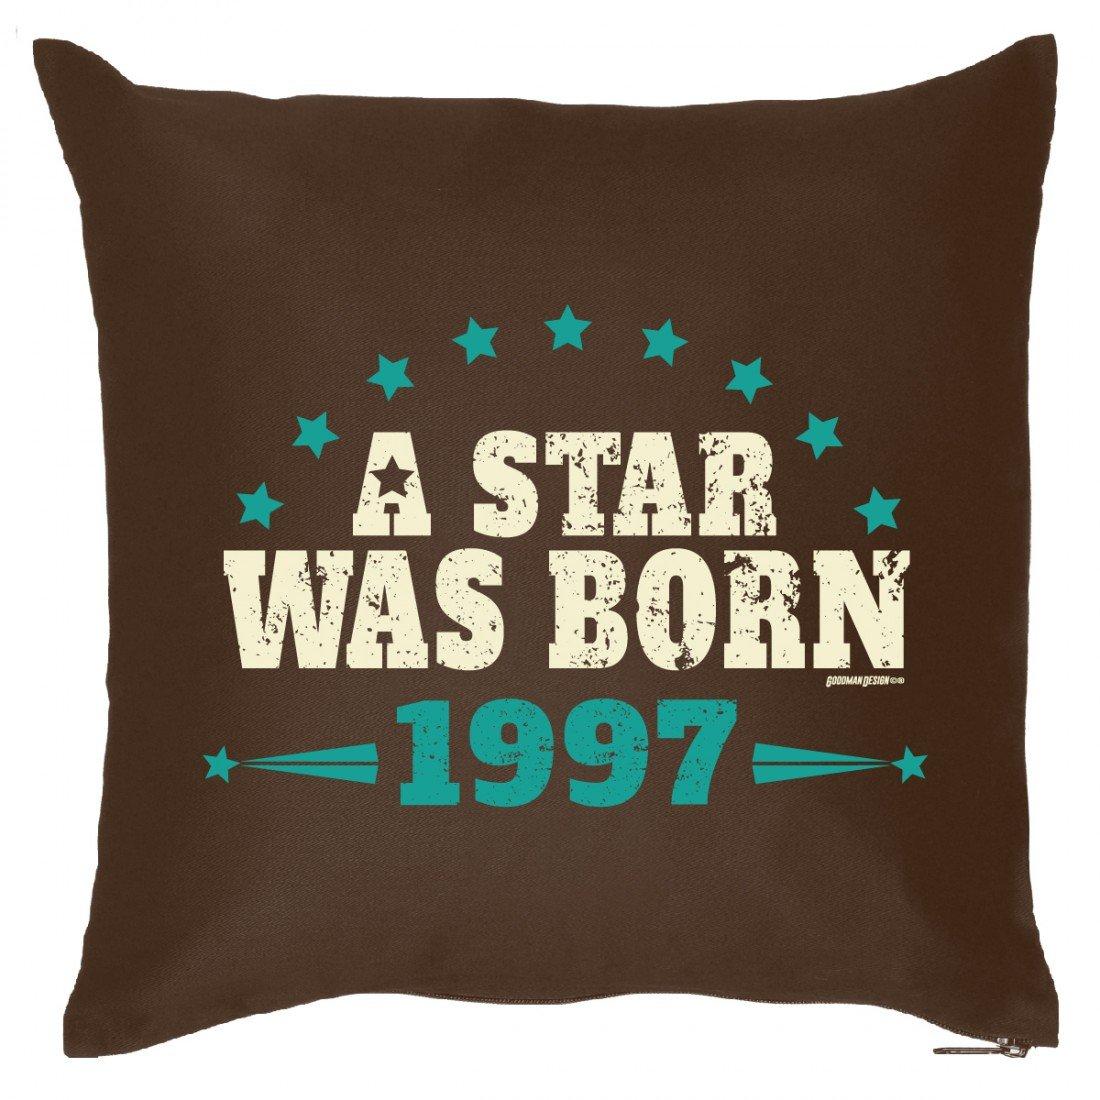 Couch Kissen mit Jahrgang zum Geburtstag – A Star was born seit 1997 – Sofakissen Wendekissen mit Spruch und Humor online kaufen